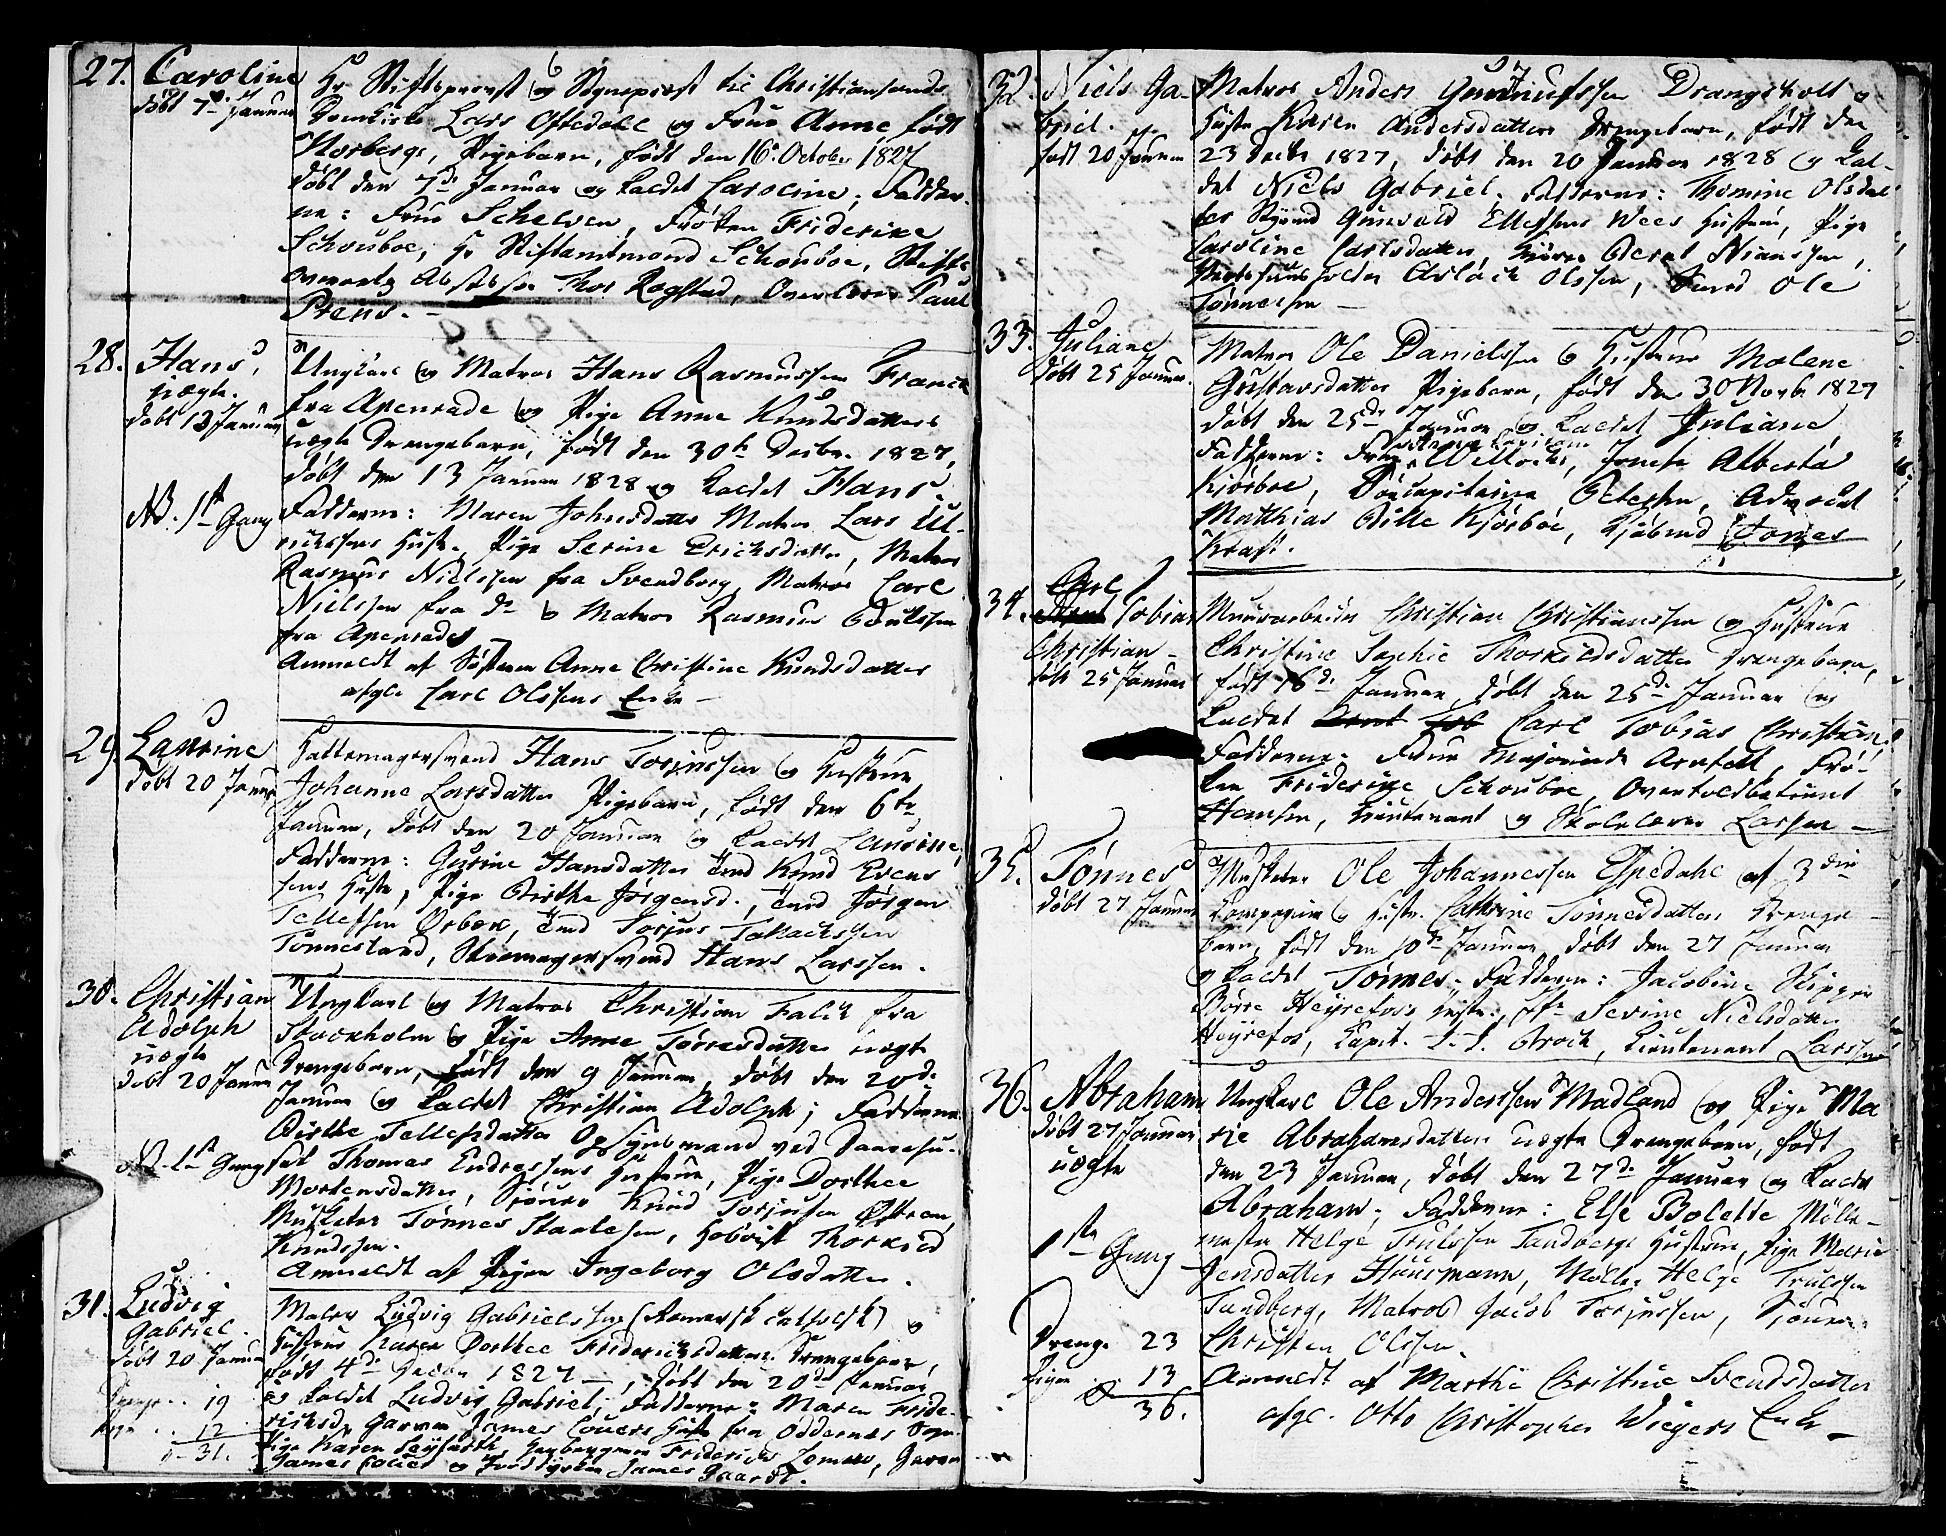 SAK, Kristiansand domprosti, F/Fb/L0005: Klokkerbok nr. B 5, 1827-1828, s. 6-7